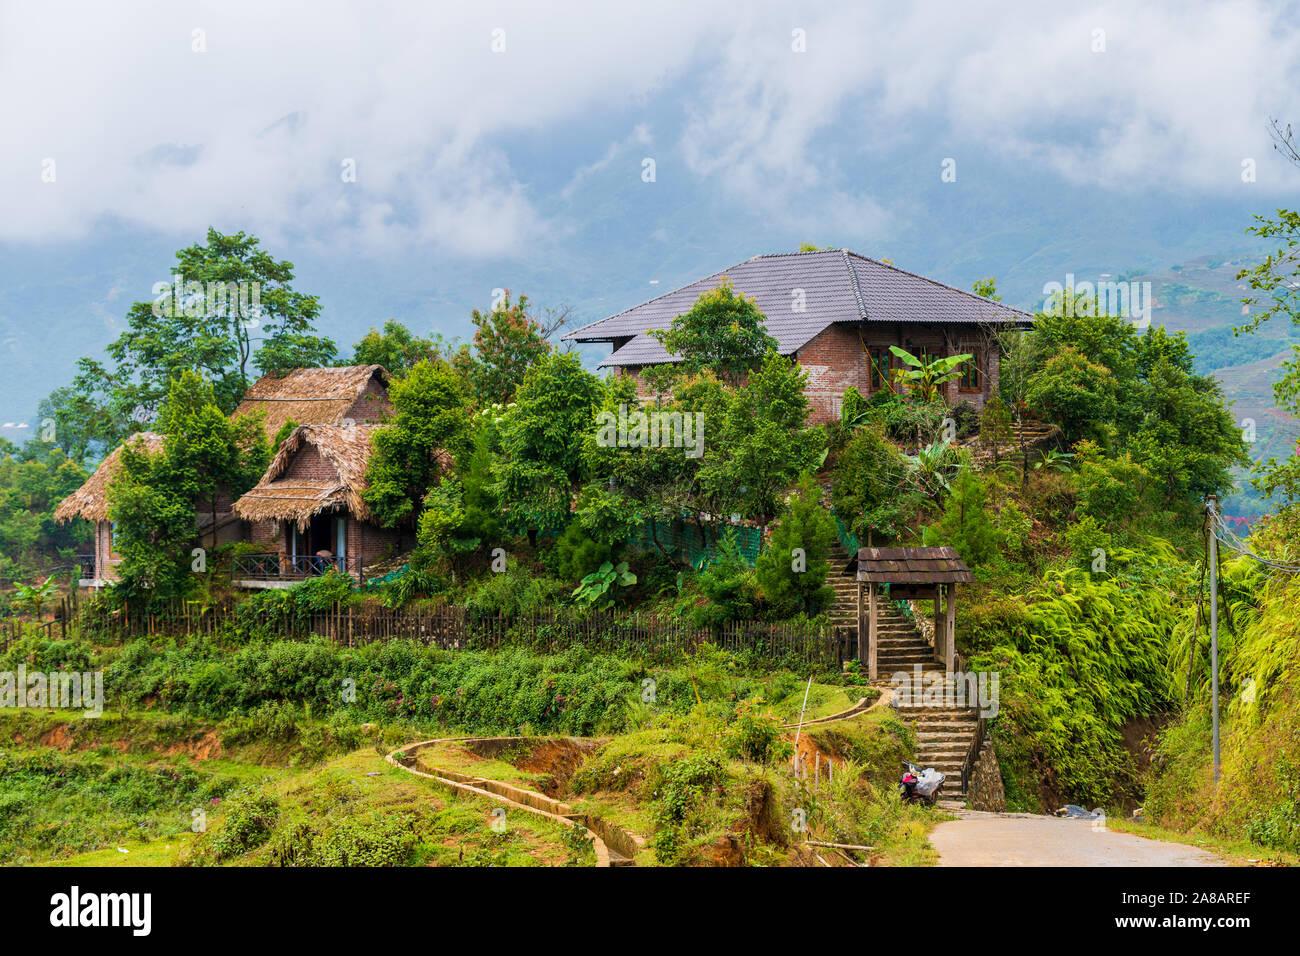 Casas Y Viviendas En La Parte Superior De Terrazas De Arroz